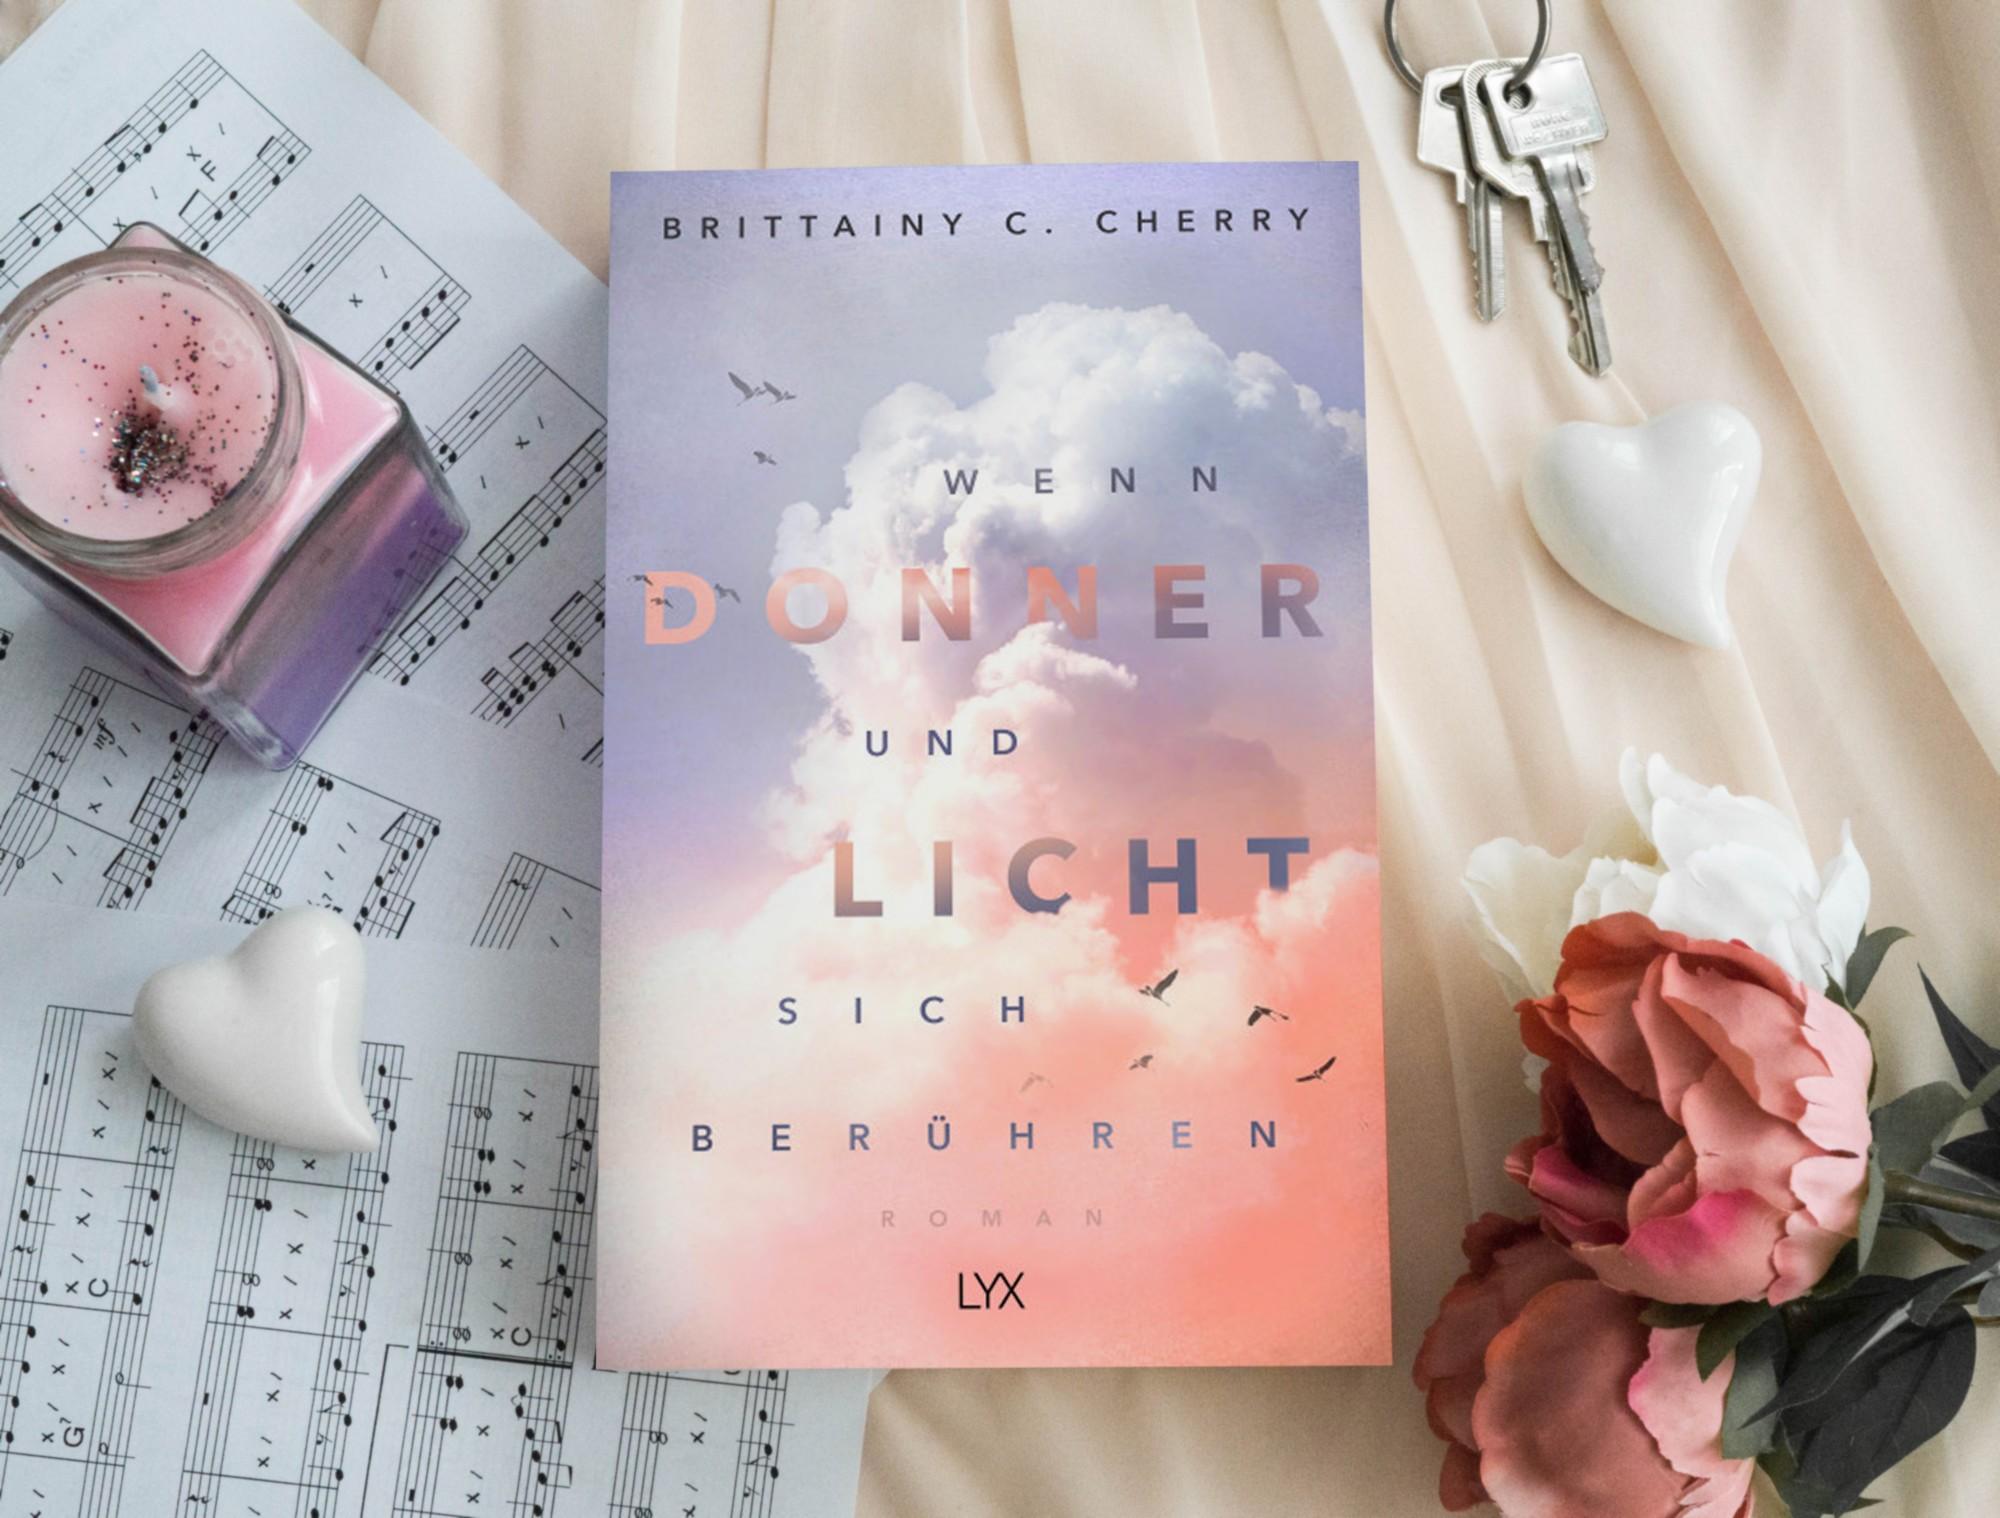 Wenn Donner und Licht sich berühren – Brittainy C. Cherry graphic